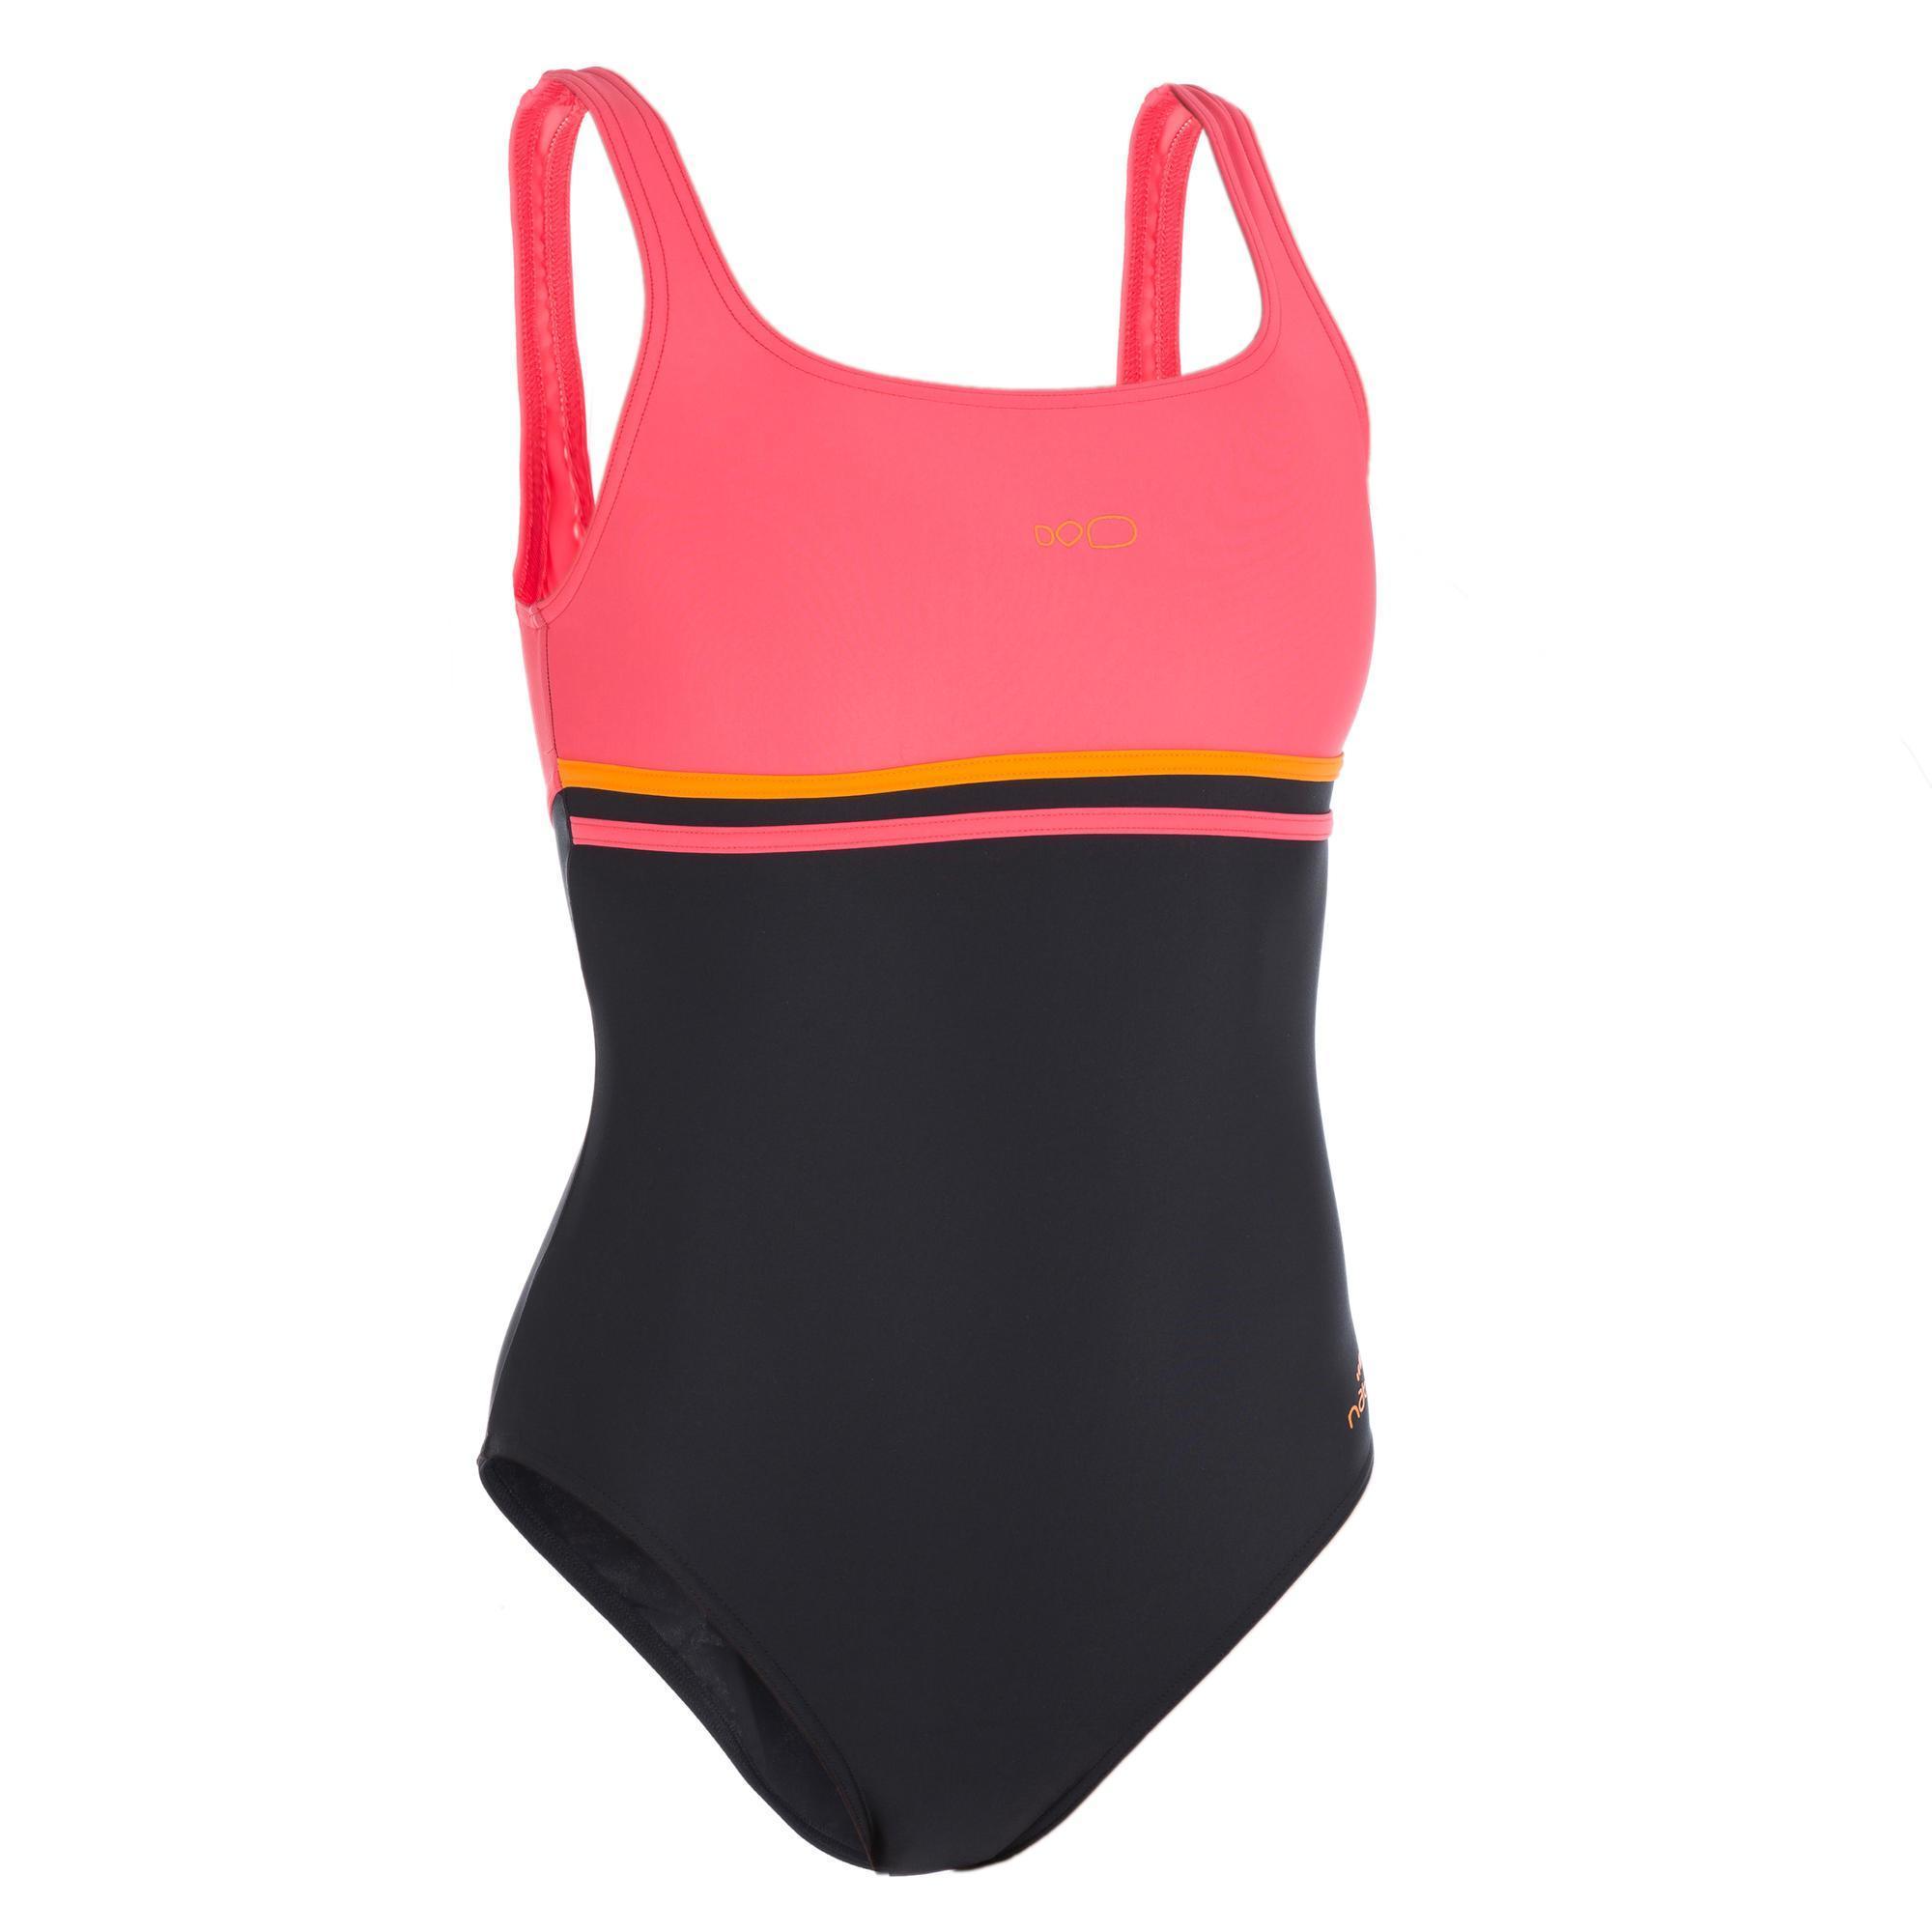 maillot de bain de natation une piece femme loran noir corail nabaiji k=ab2e f1ccc6152d6b775c6327fee